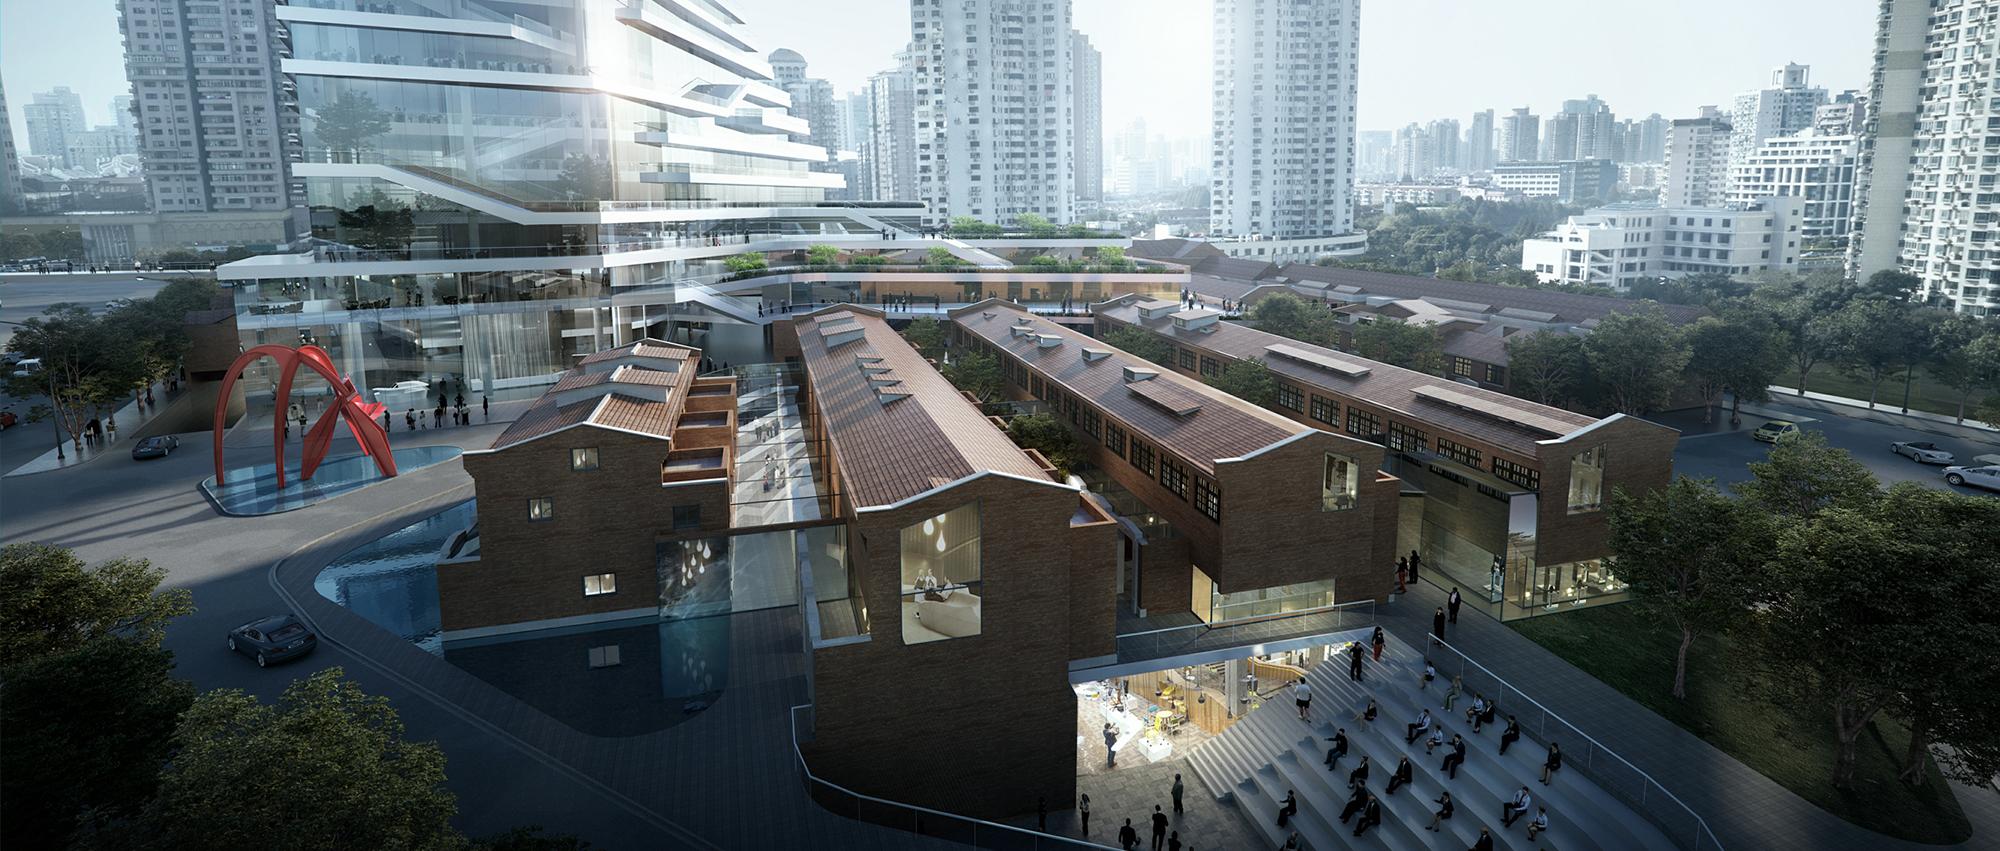 垂直公园:华建集团053-b-1街坊方案设计竞赛优胜方案